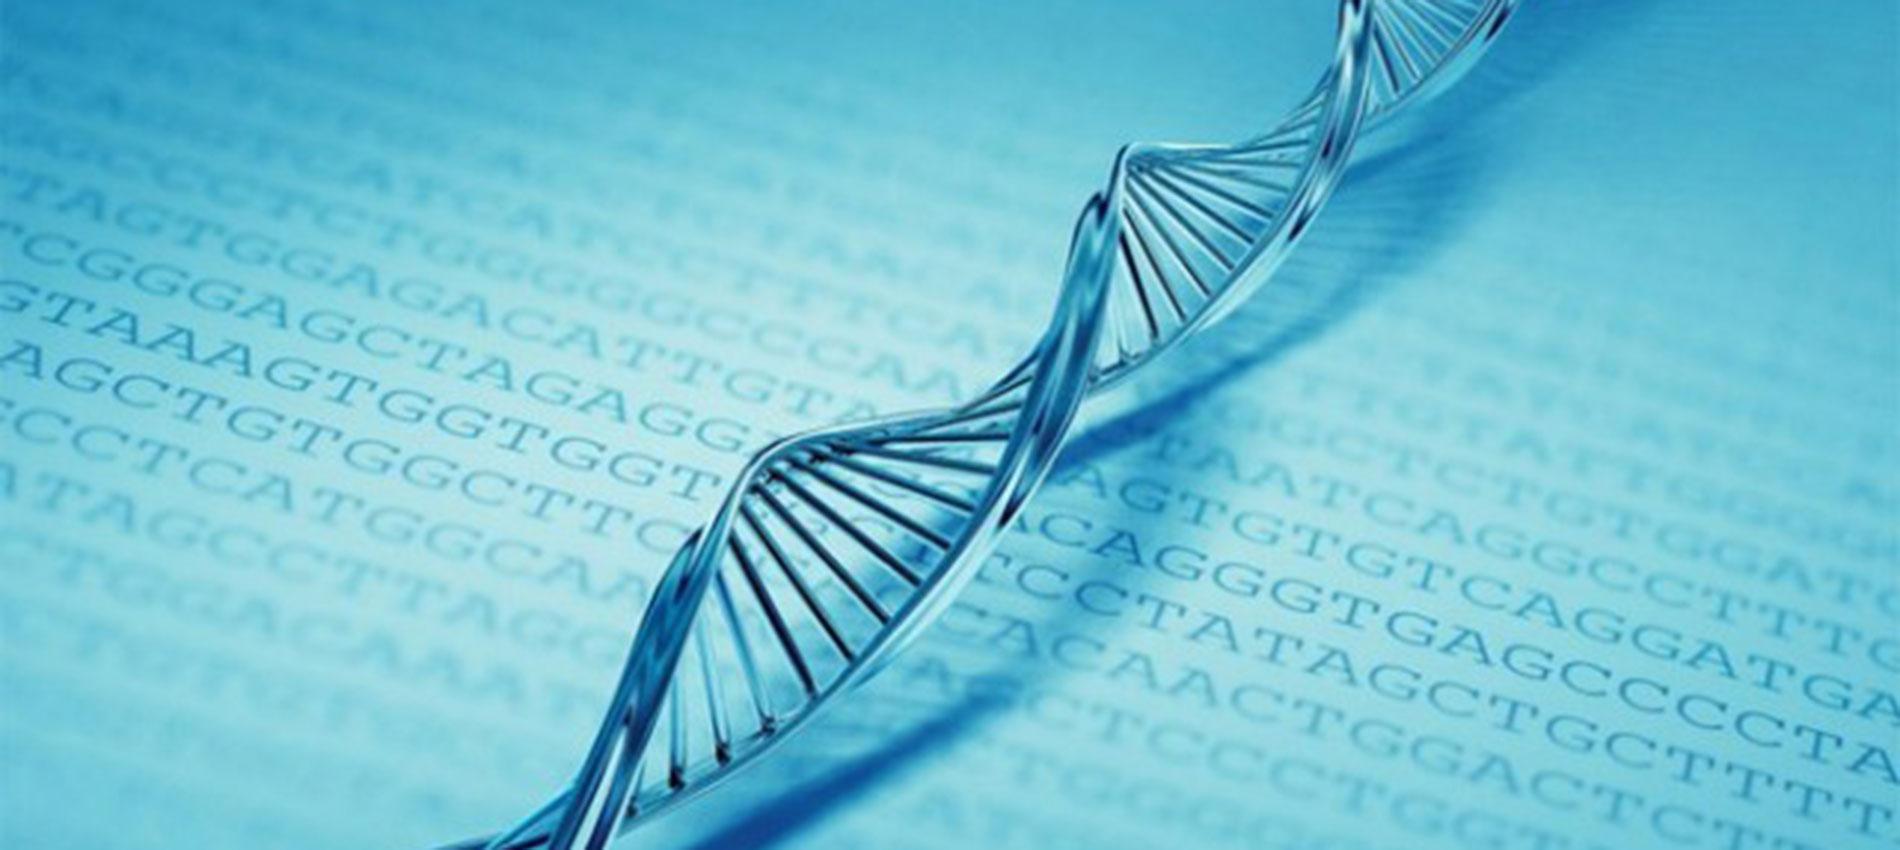 test genetici gilardi sara nutrizionista